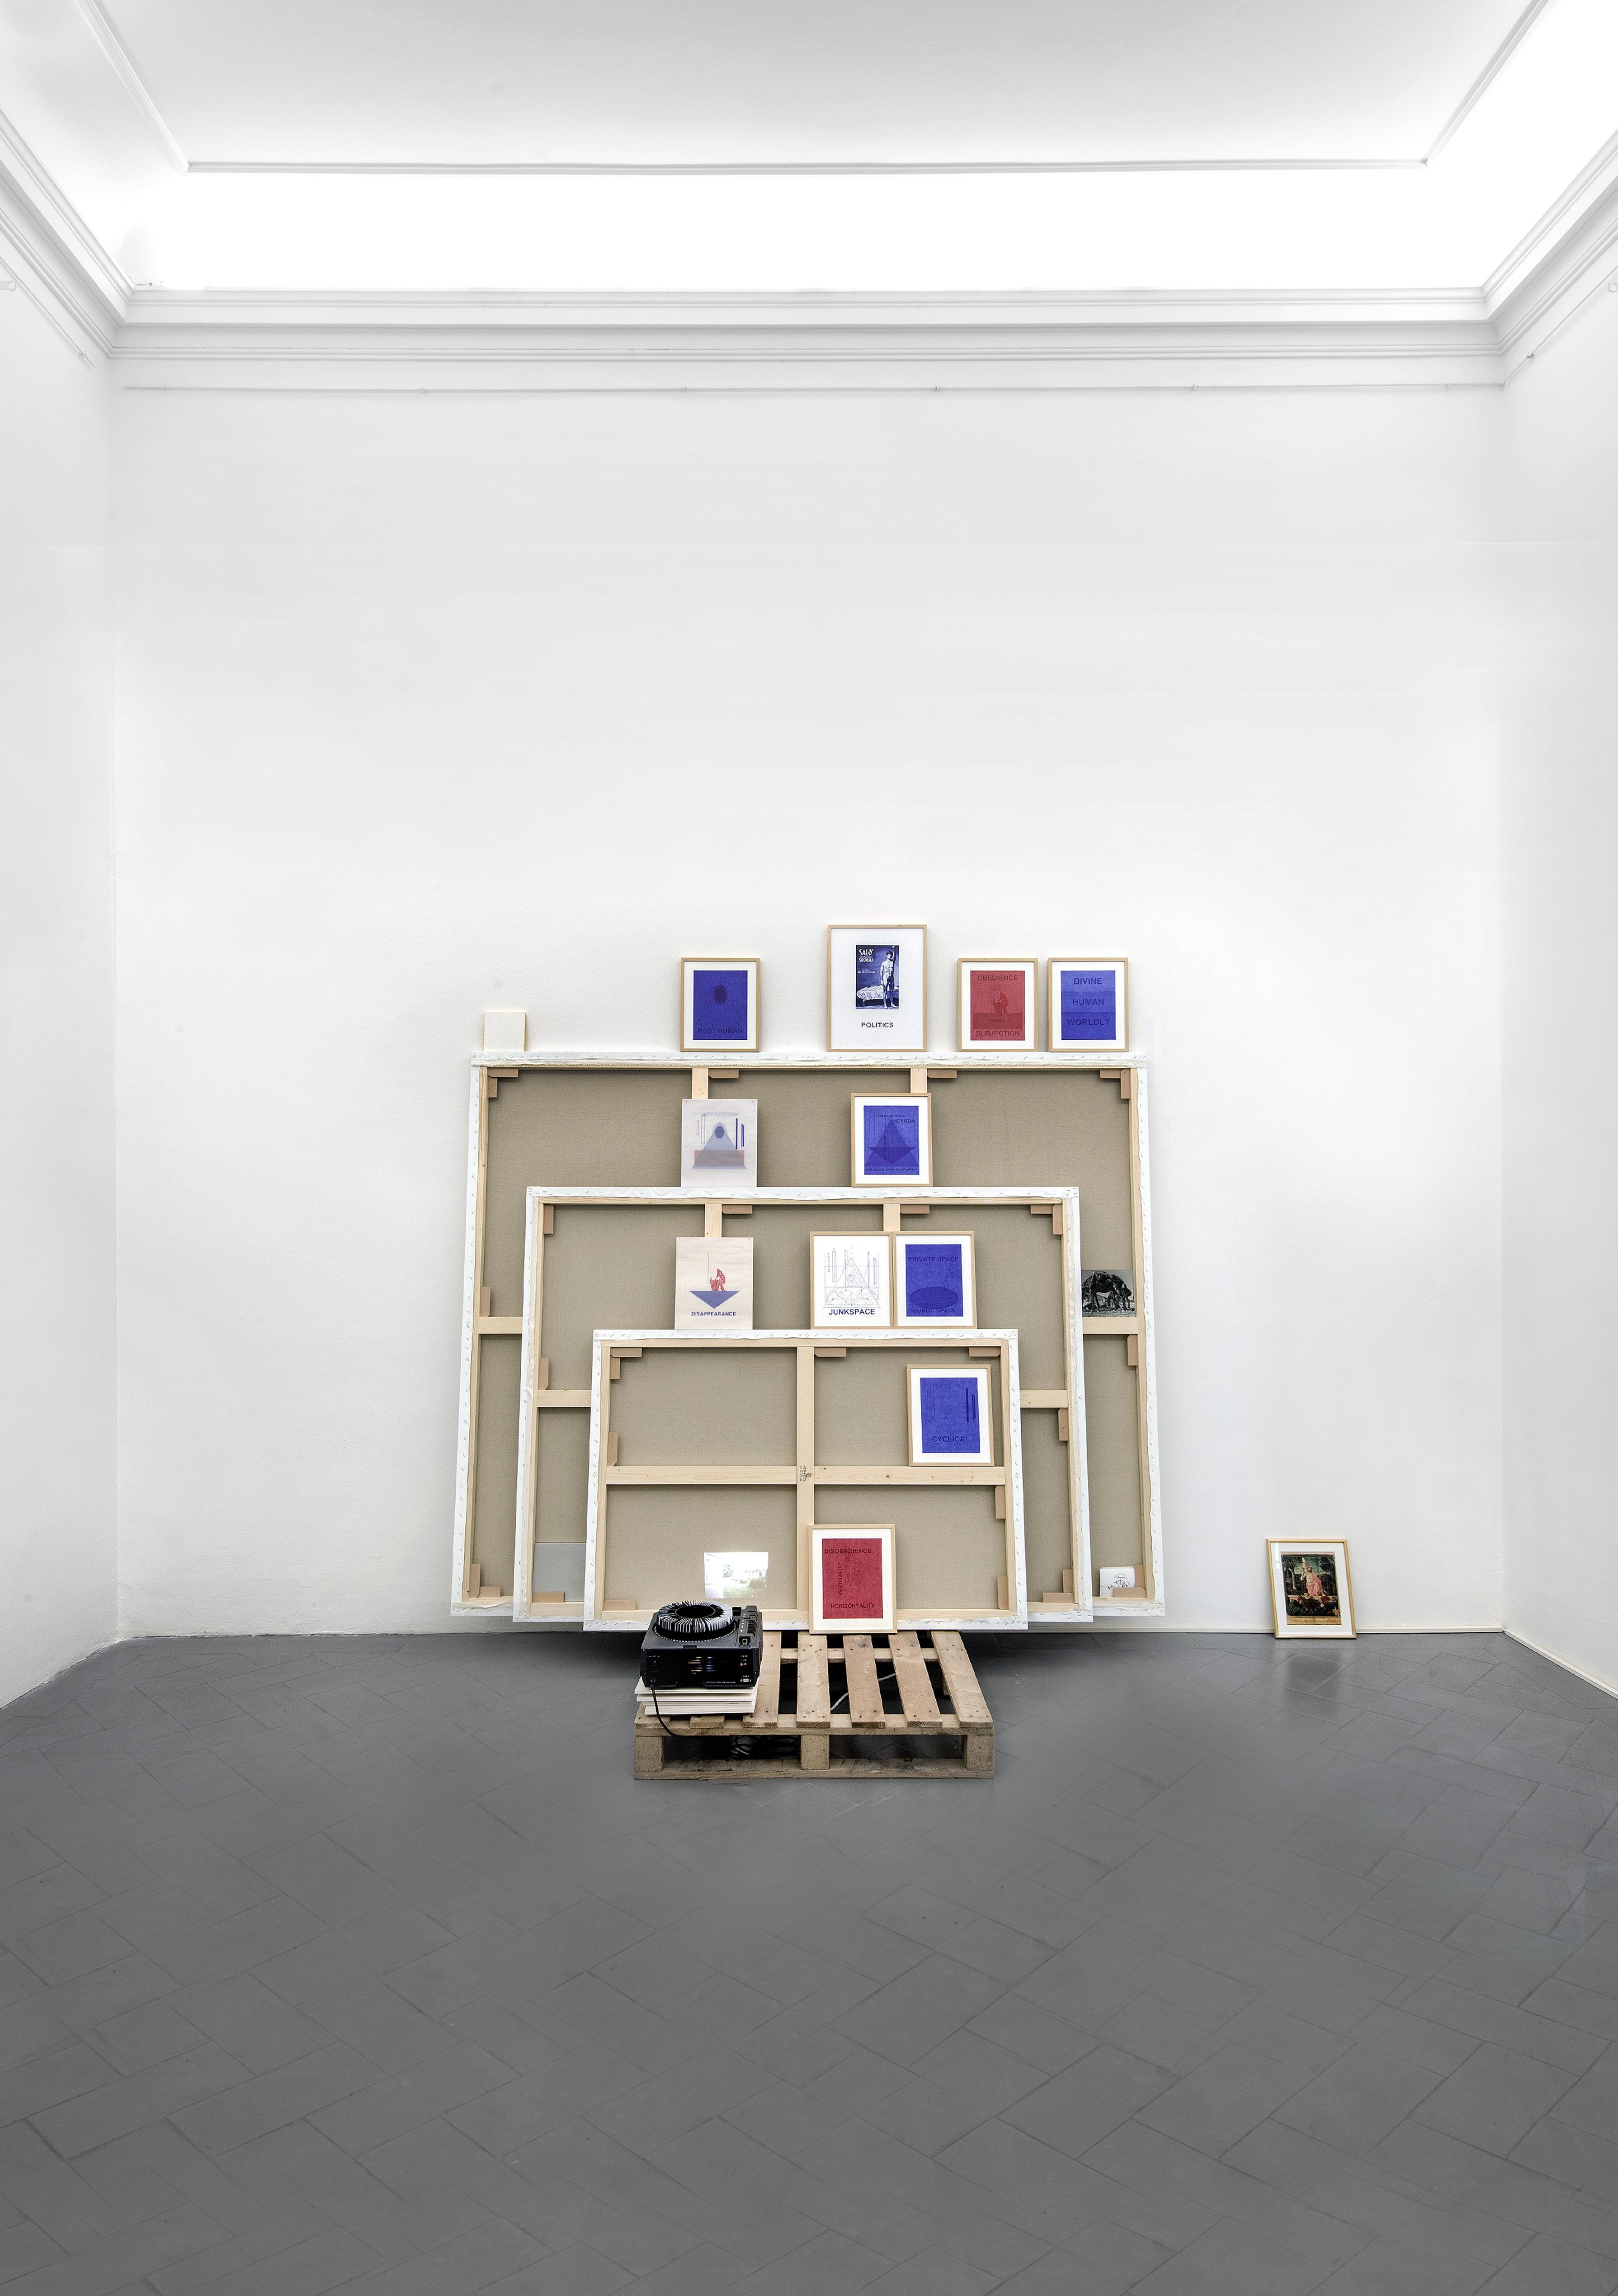 La Forma della Città, veduta della mostra. Giuseppe Stampone, Tentativo fallito di una pittura utopistica, 2016